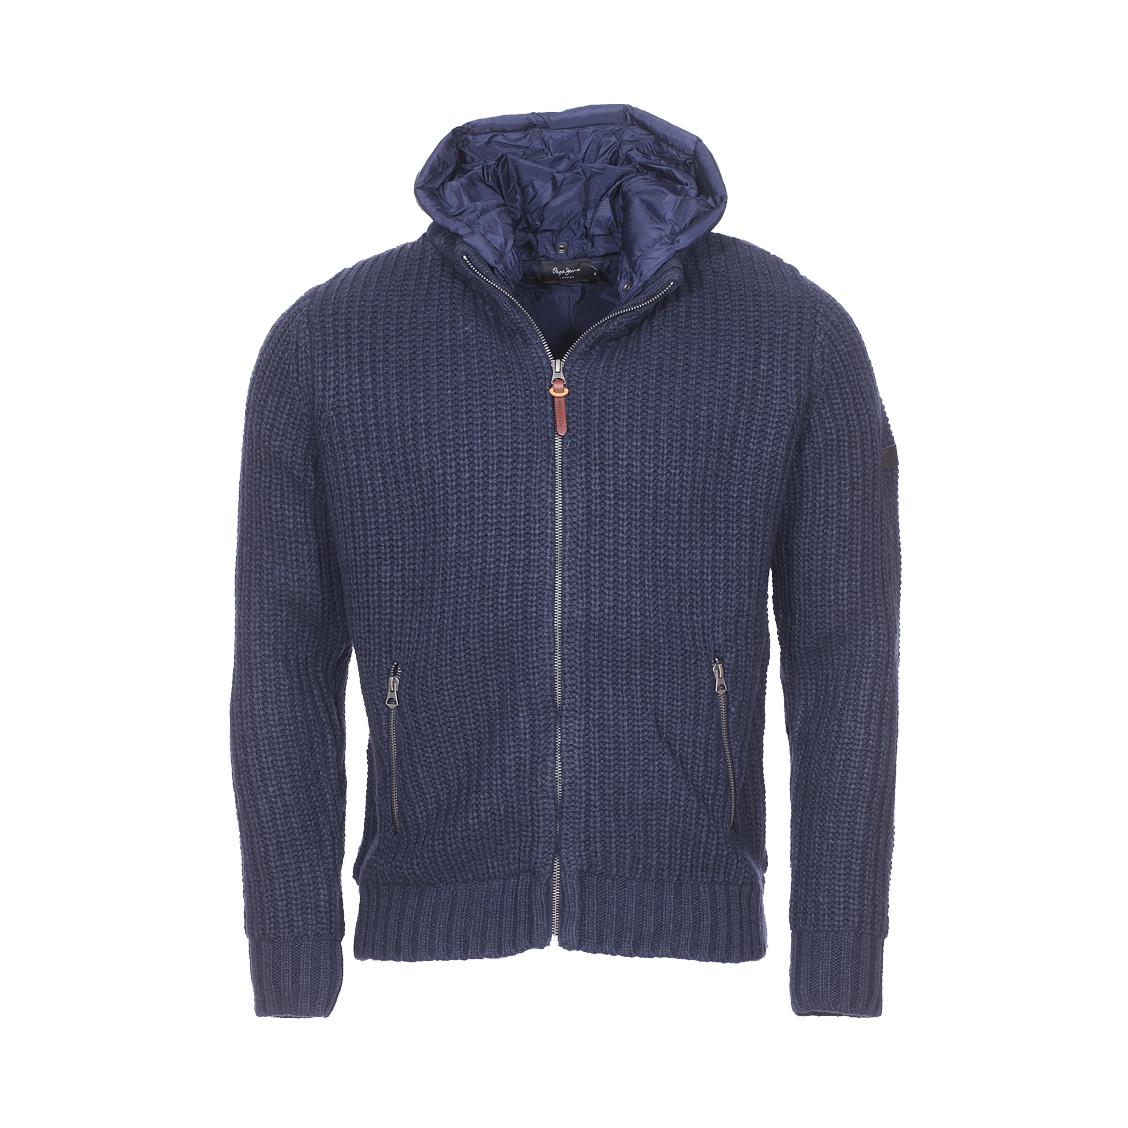 Blouson zippé  leicester en laine mélangée bleu marine à capuche amovible